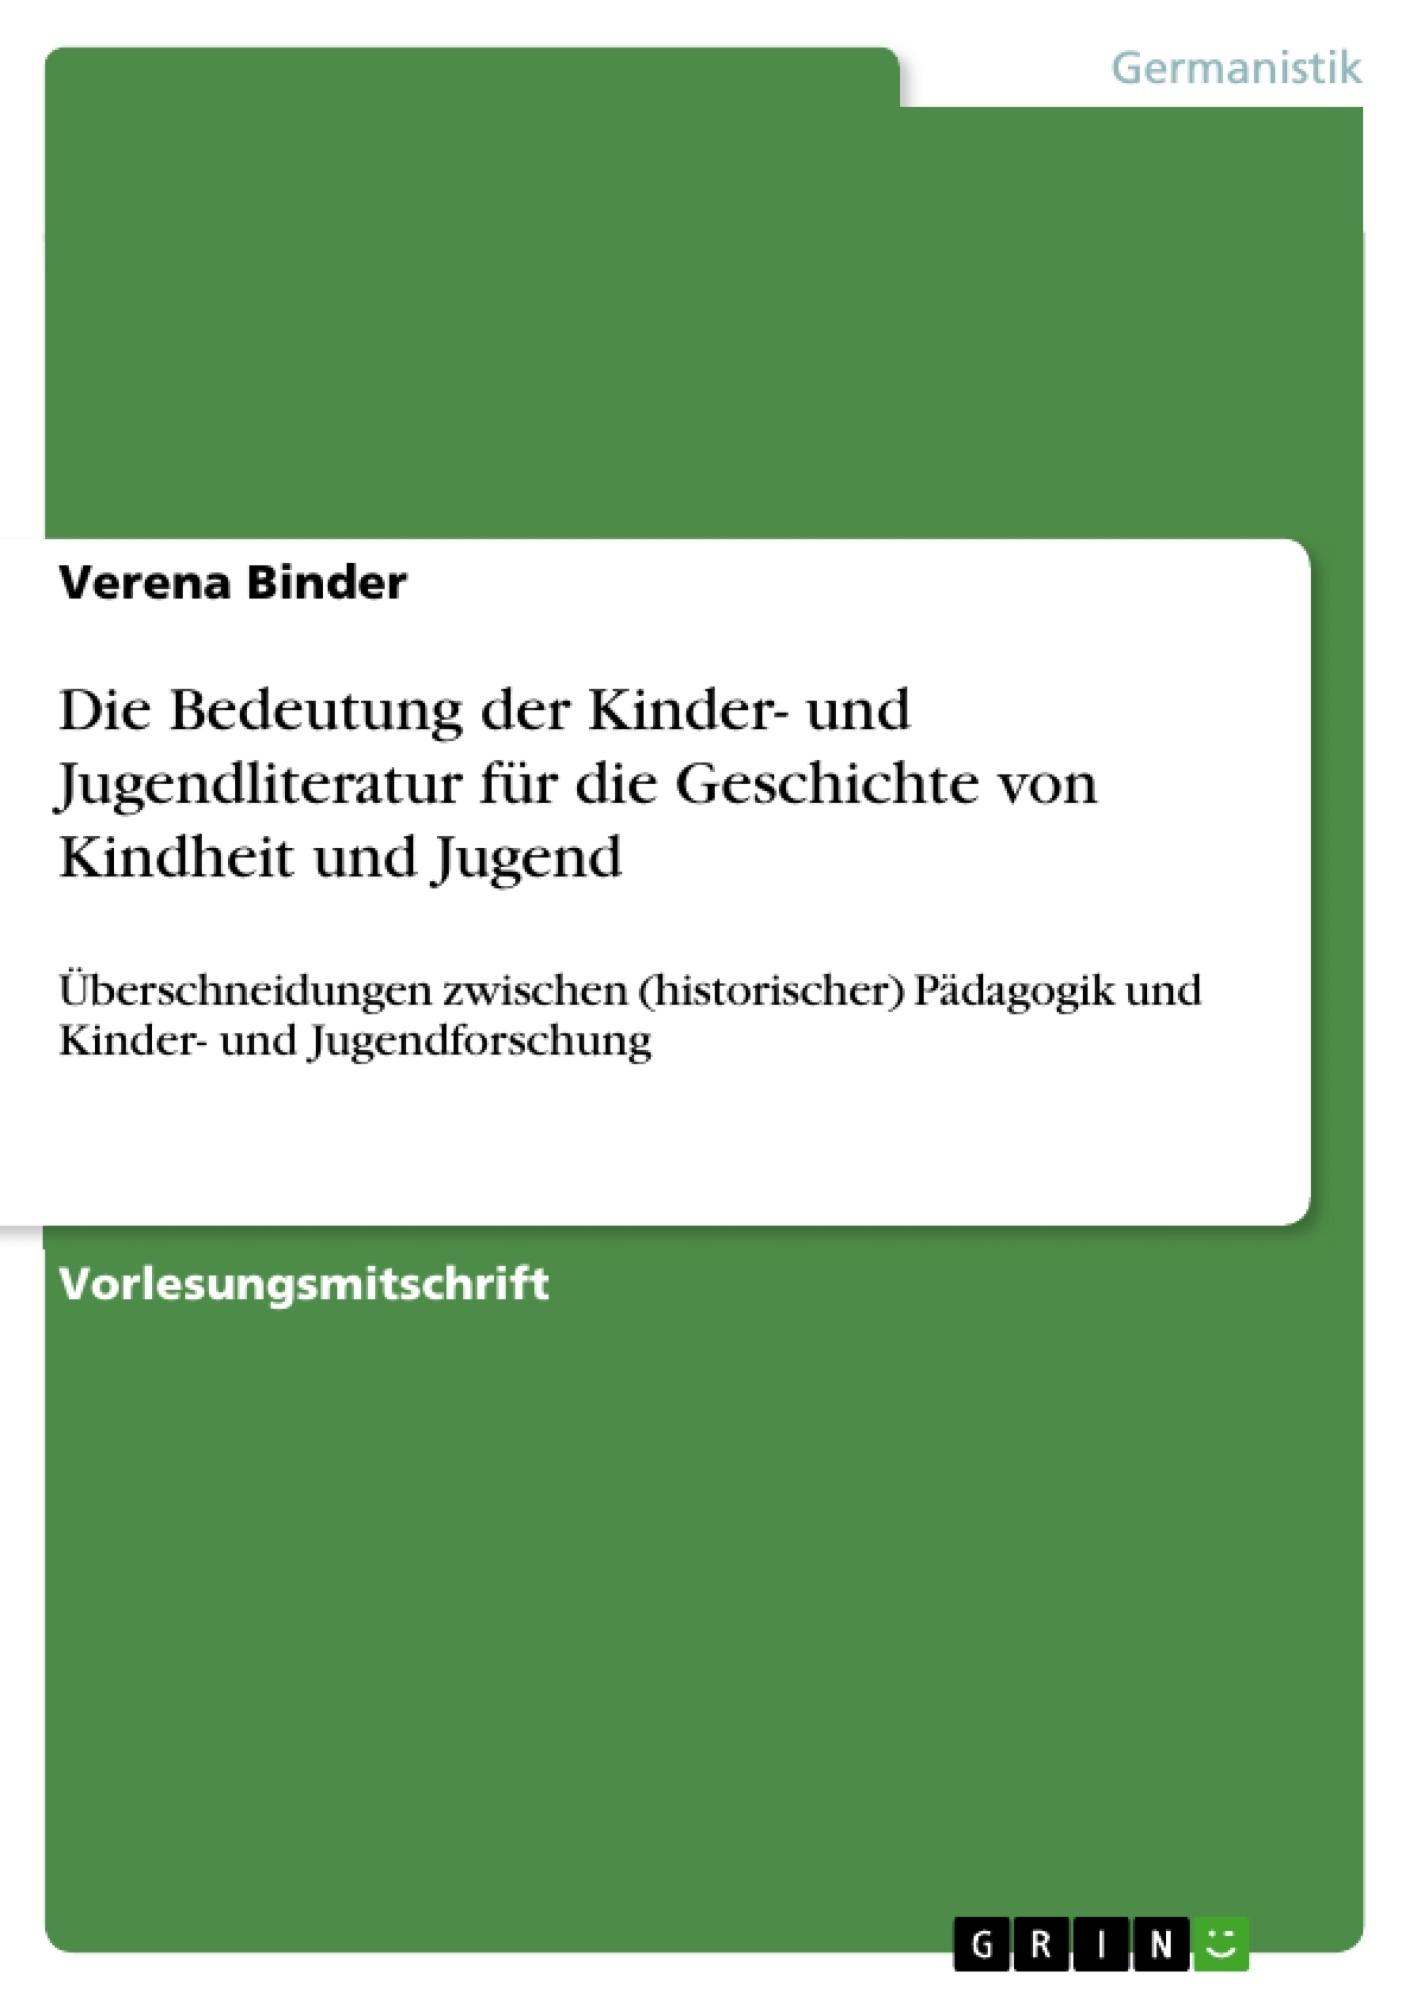 Titel: Die Bedeutung der Kinder- und Jugendliteratur für die Geschichte von Kindheit und Jugend